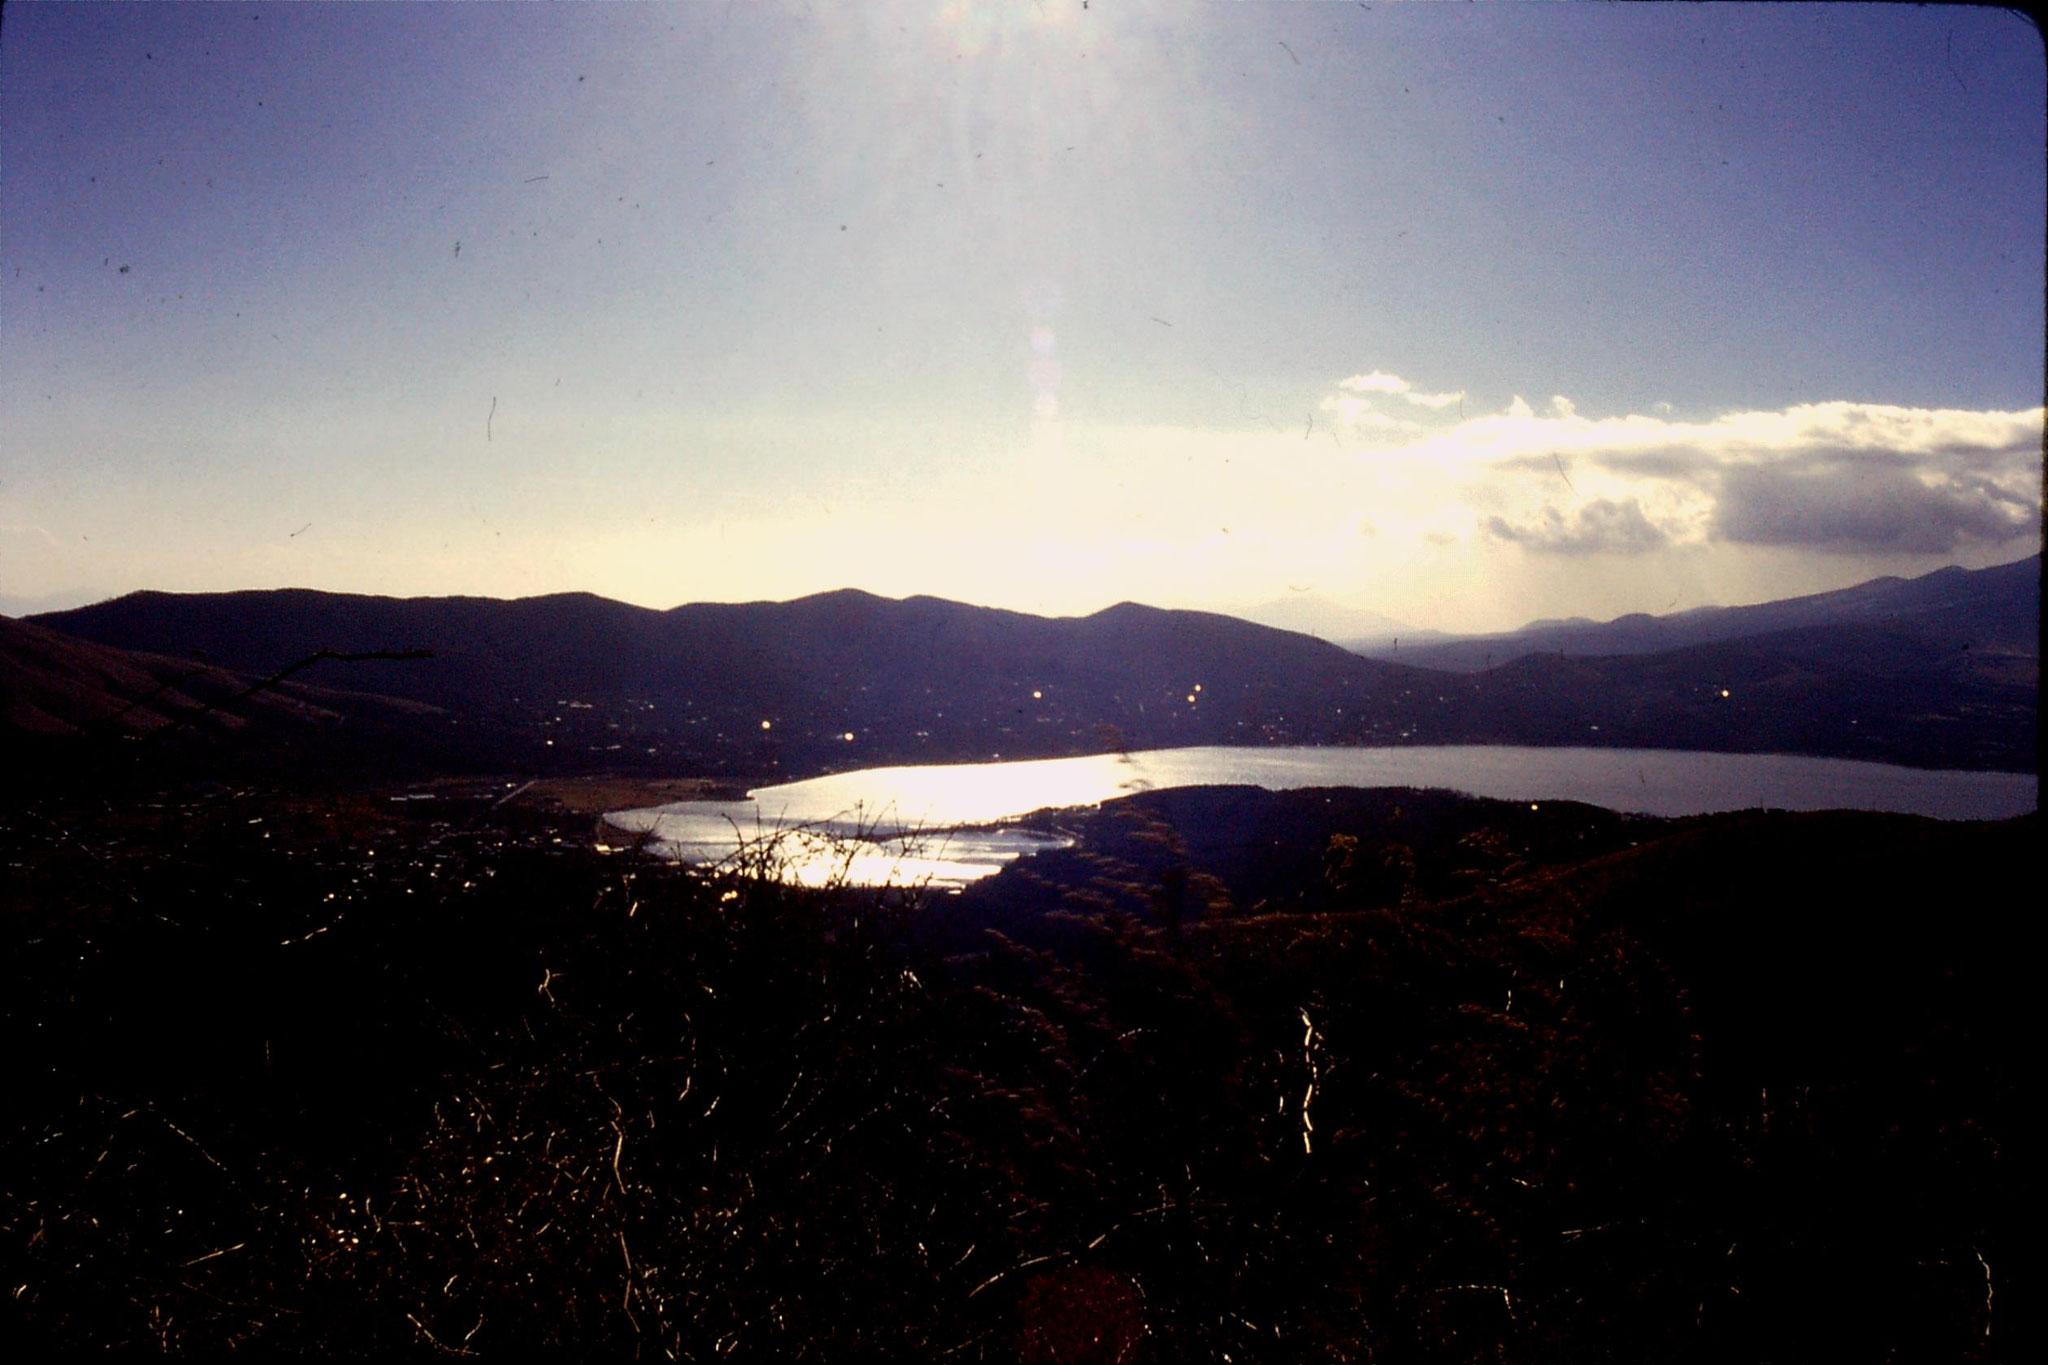 30/12/1988: 6: Lake Yamanatako